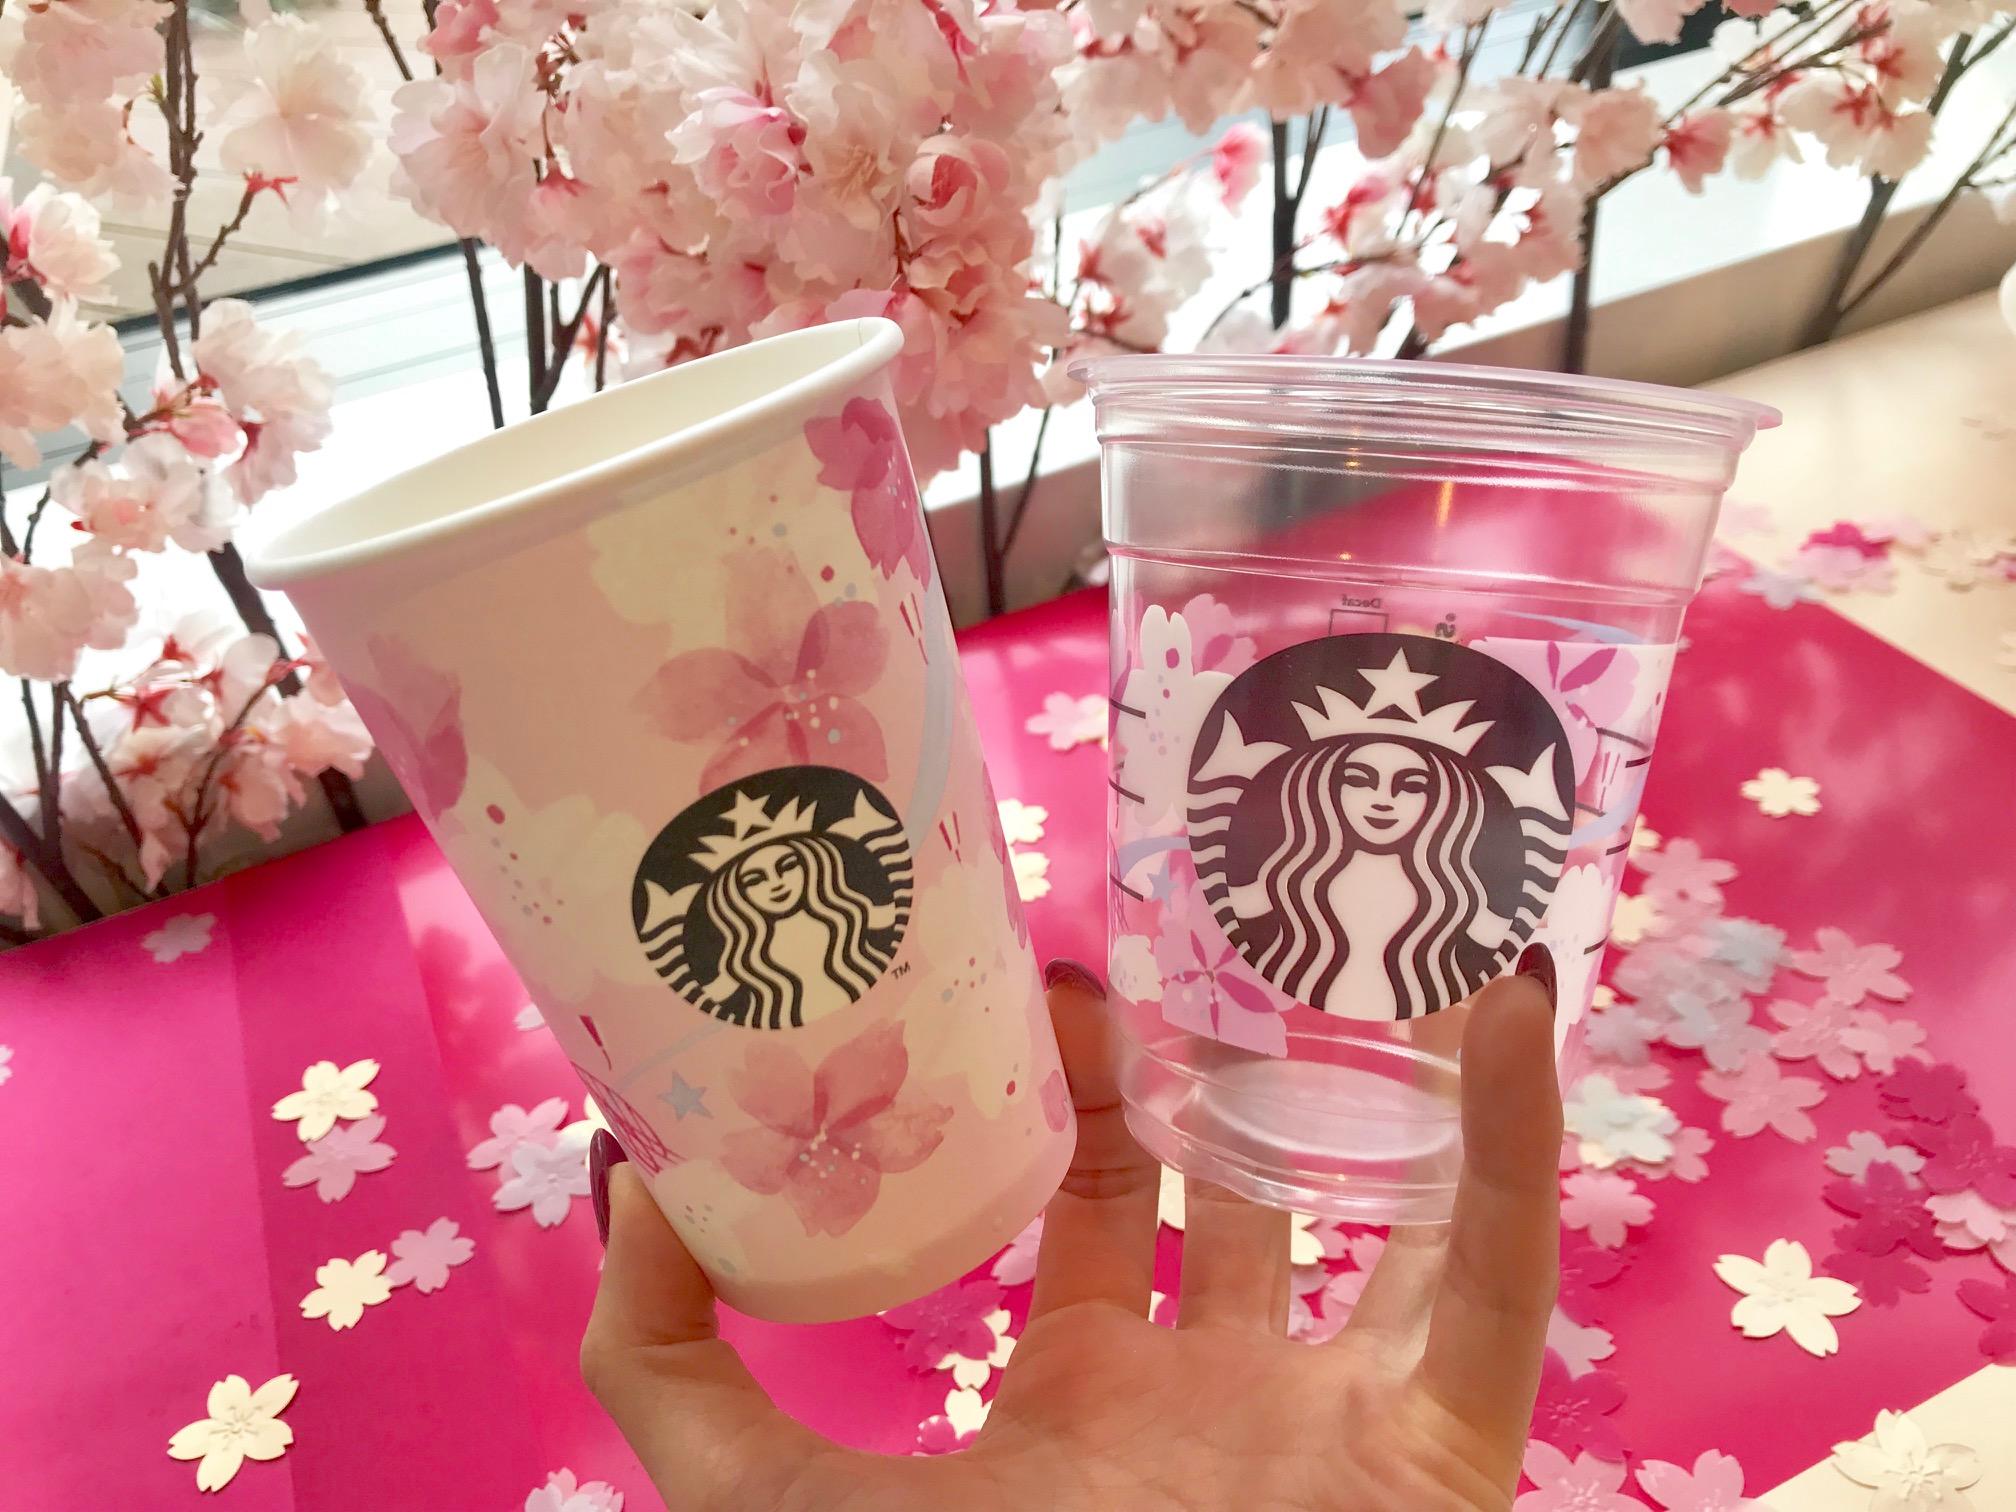 桜スイーツ特集《2019年版》- 限定グルメやスタバの新作、お花見グルメも!_3